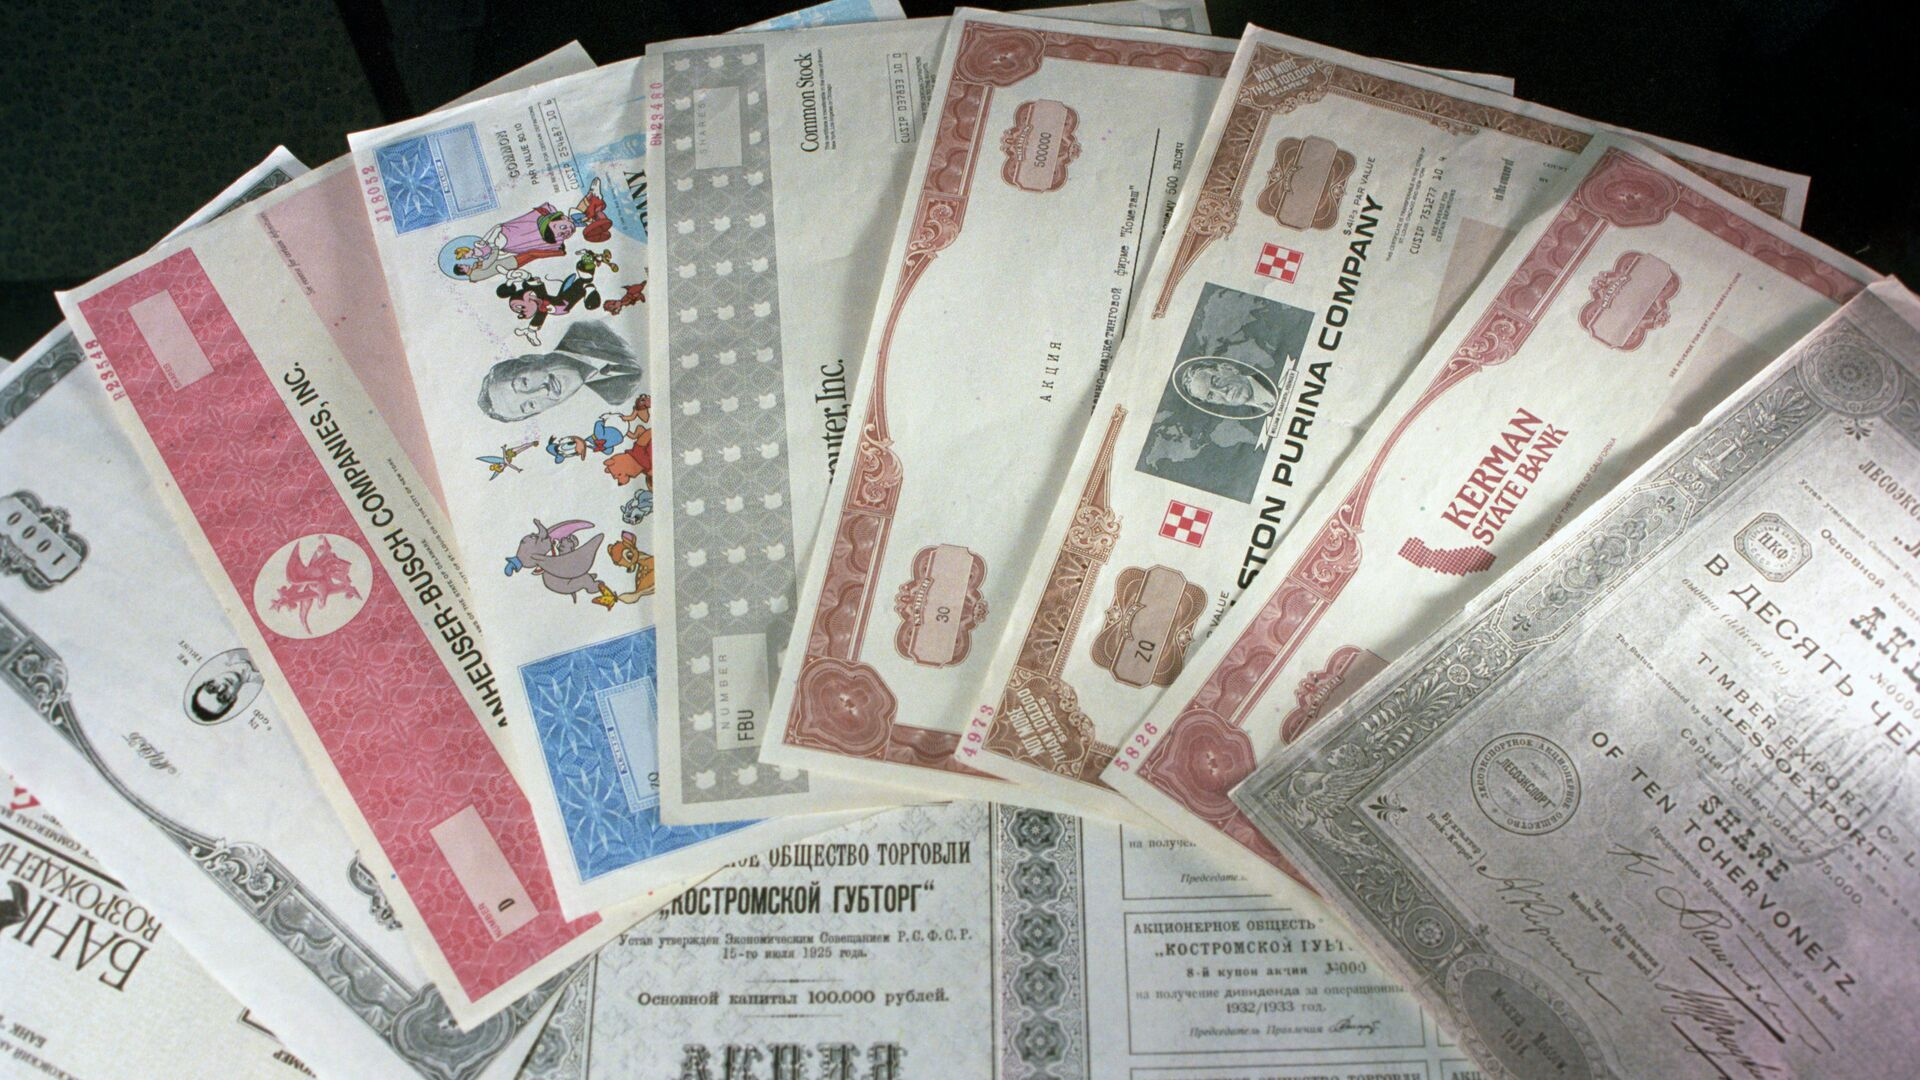 Московская центральная фондовая биржа. Ценные бумаги - РИА Новости, 1920, 06.08.2020